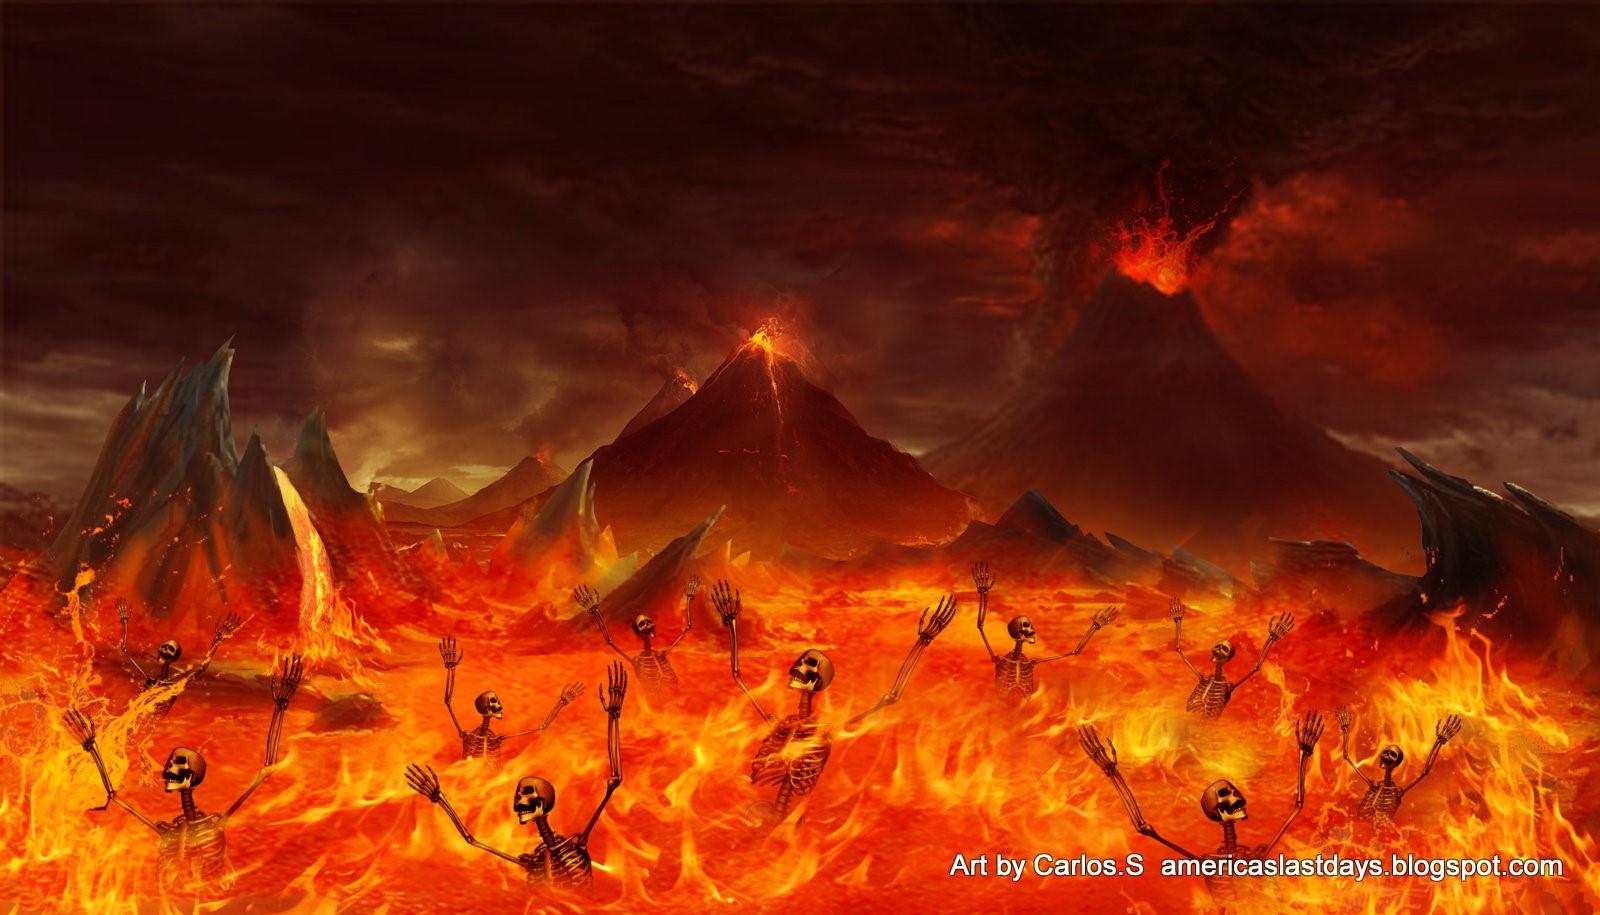 bill_wiese_mary_k_Baxter_lake_of_fire_hell.jpeg